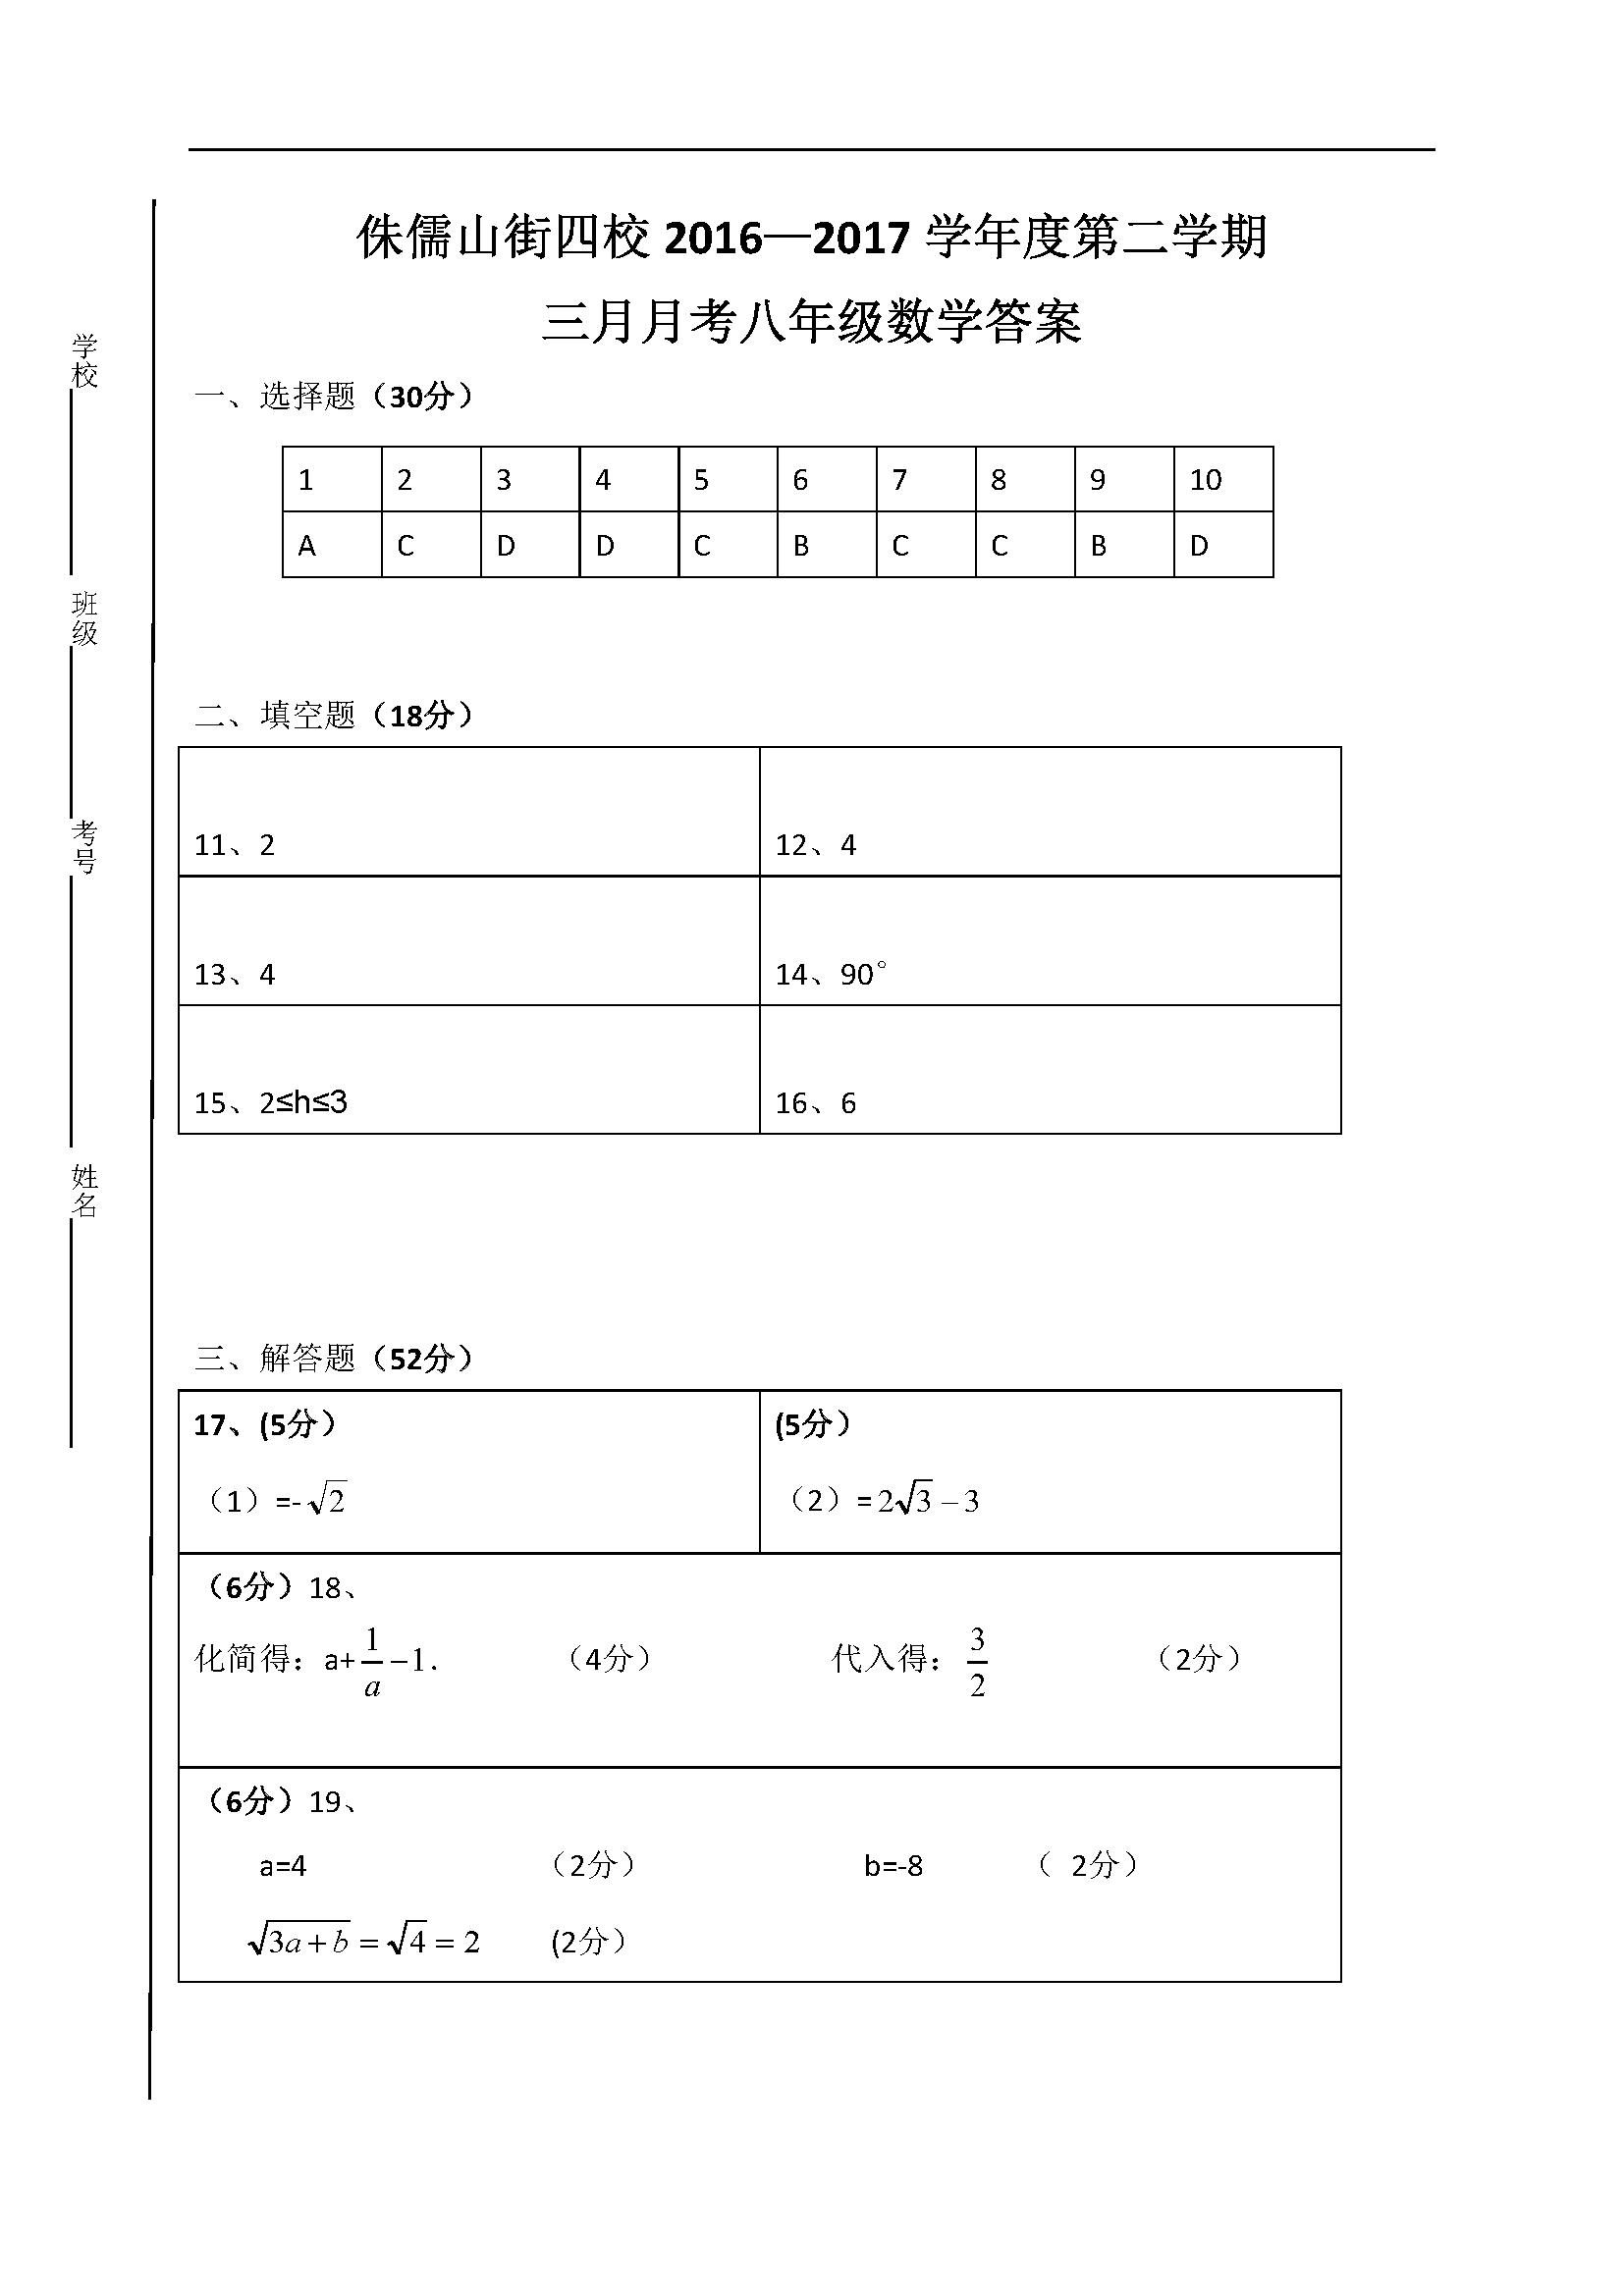 2017湖北武汉侏儒山街四校八年级3月月考数学试题答案(Word版)